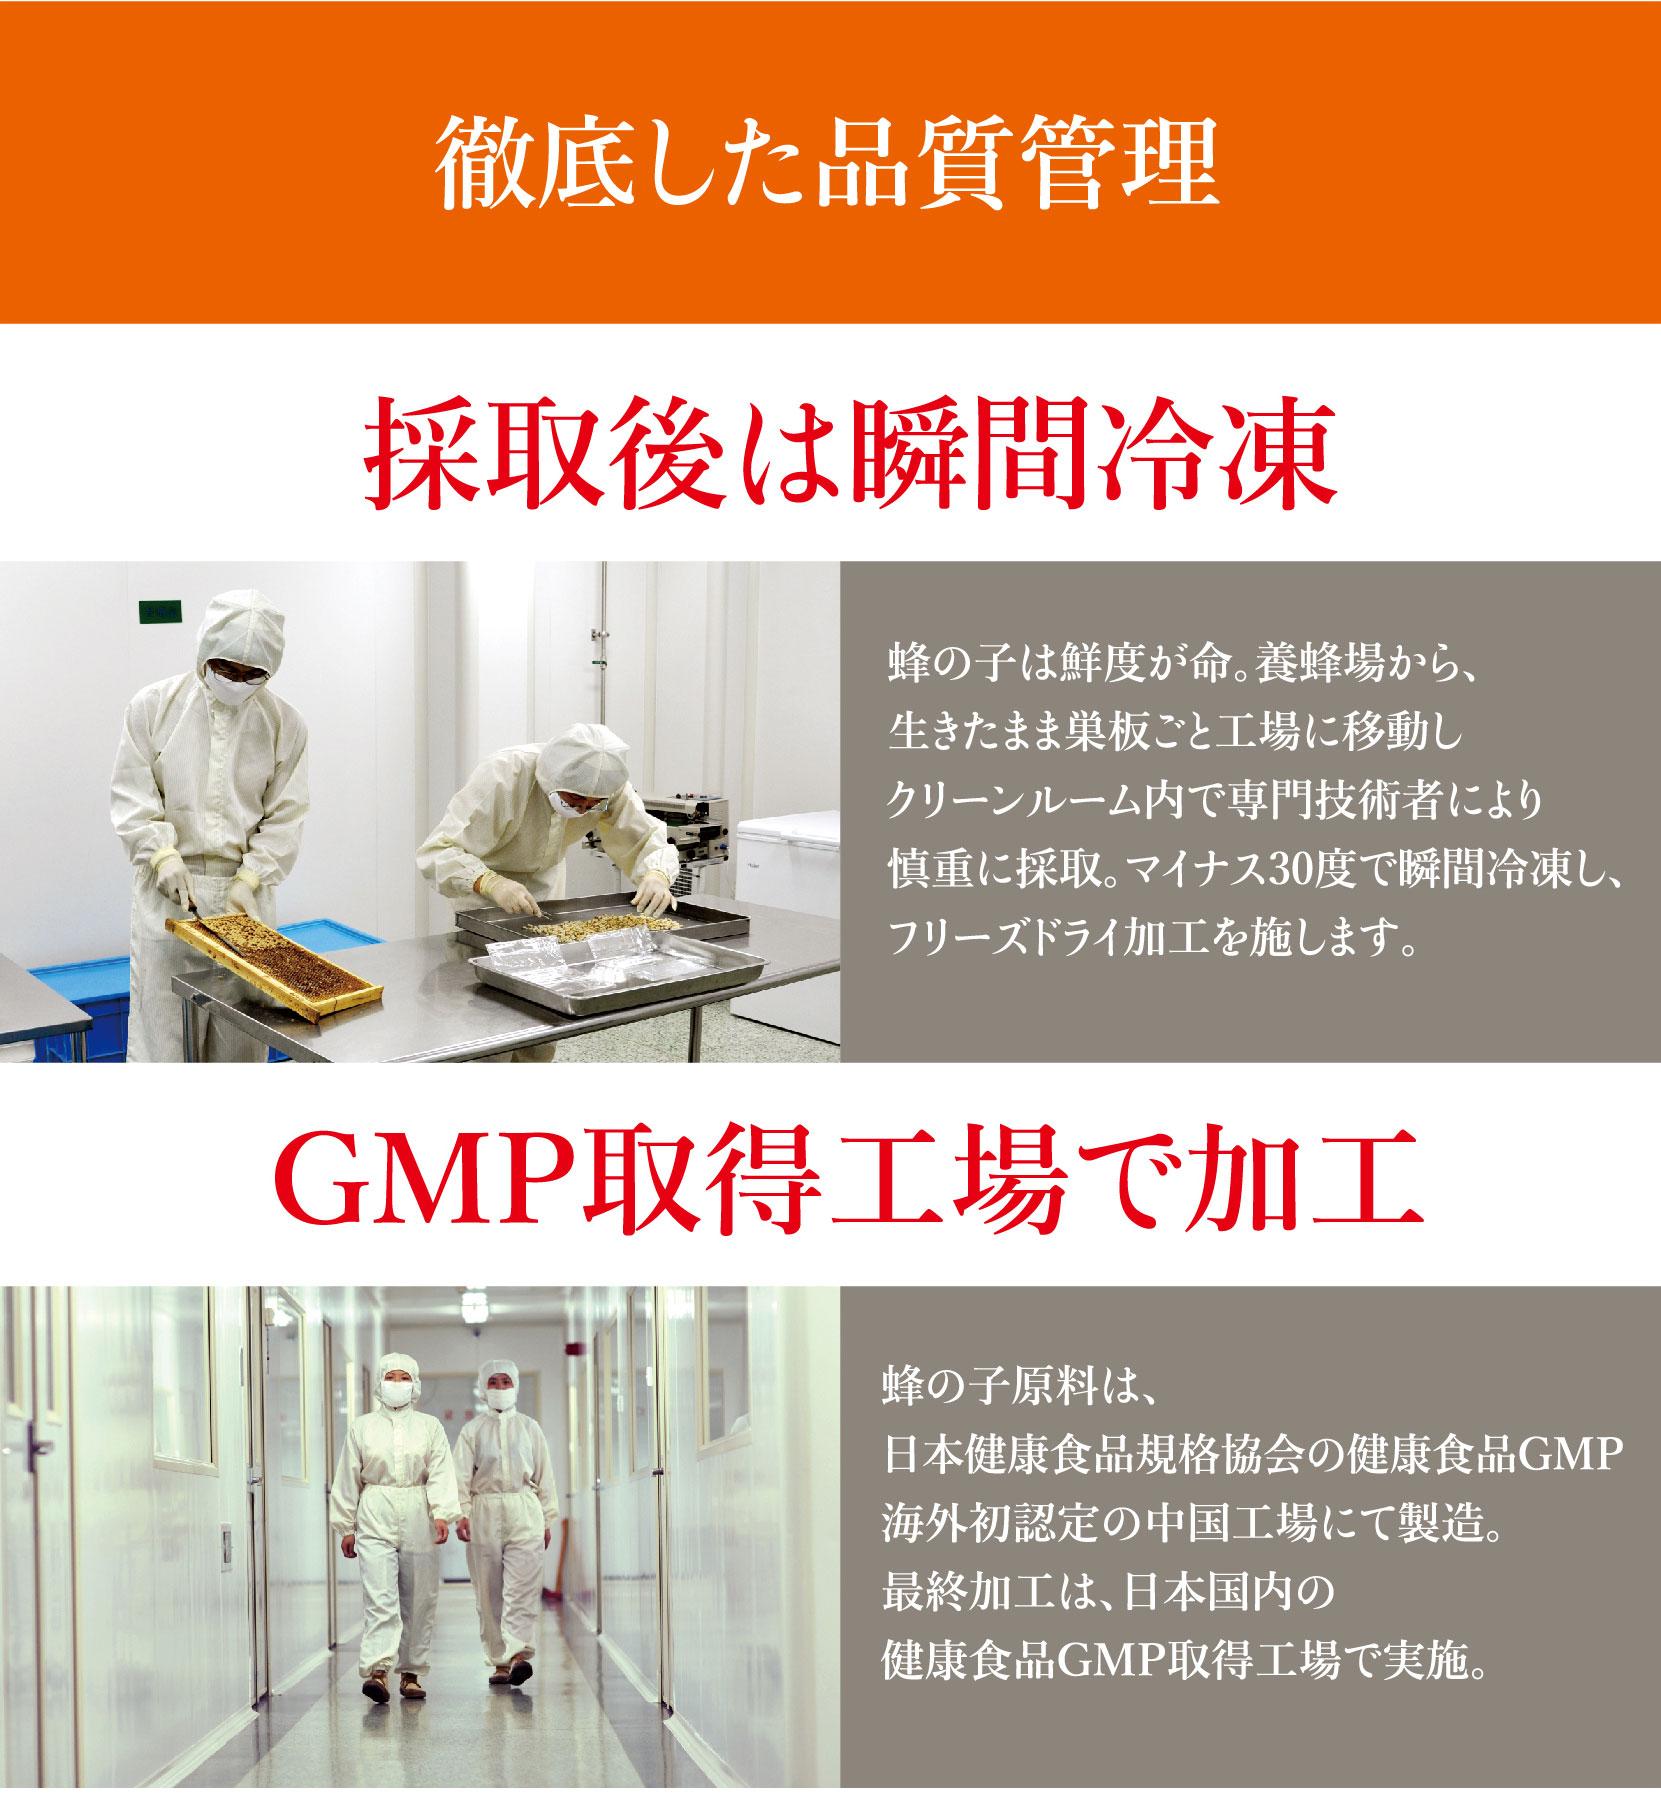 徹底した品質管理、GMP取得工場で加工